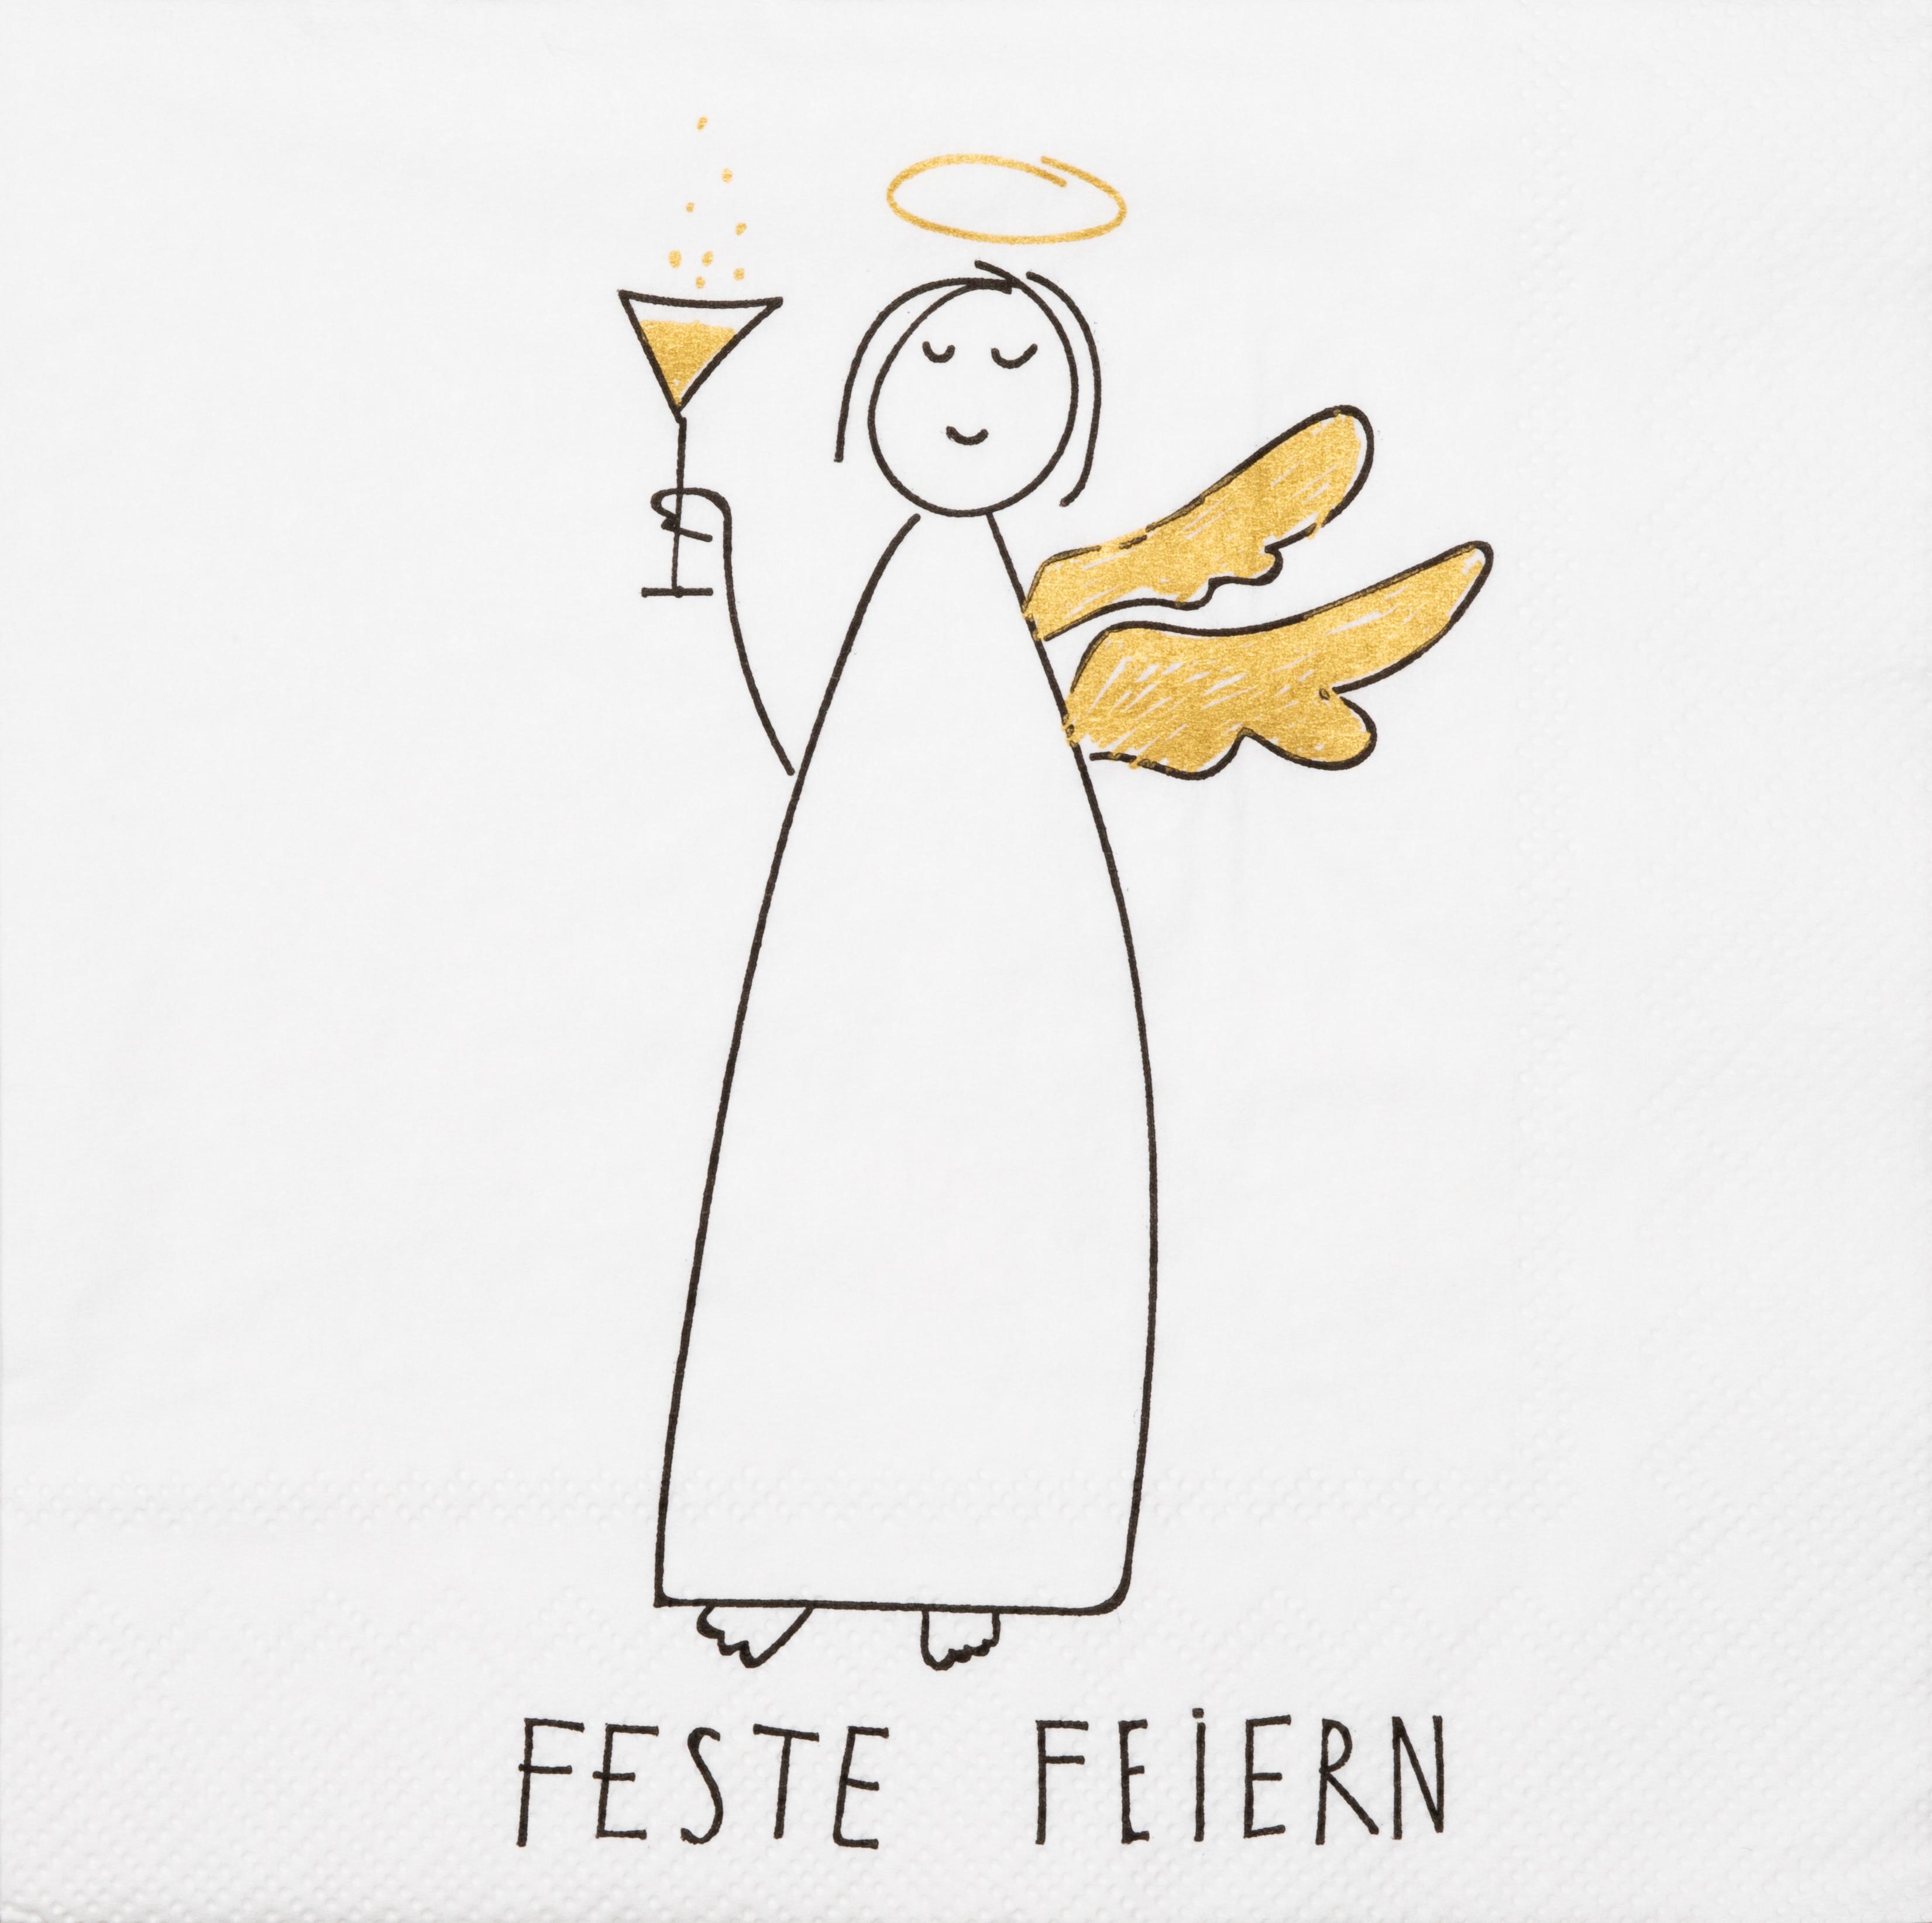 """Papierservietten """"Feste feiern"""" - räder (Xmas)"""